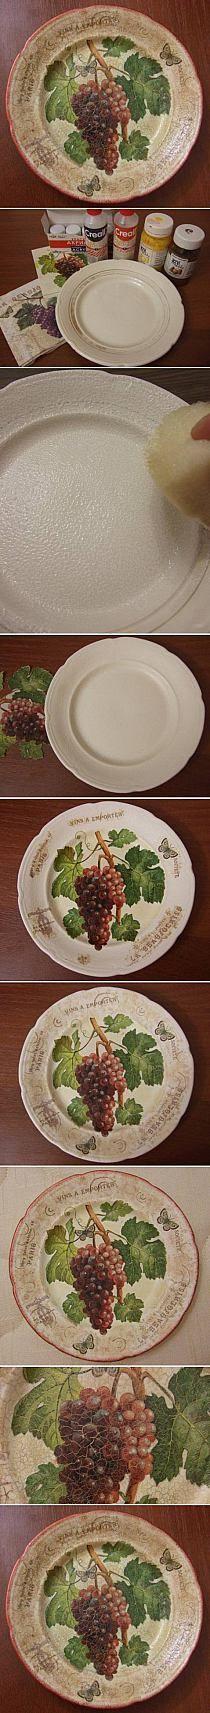 beautiful plate